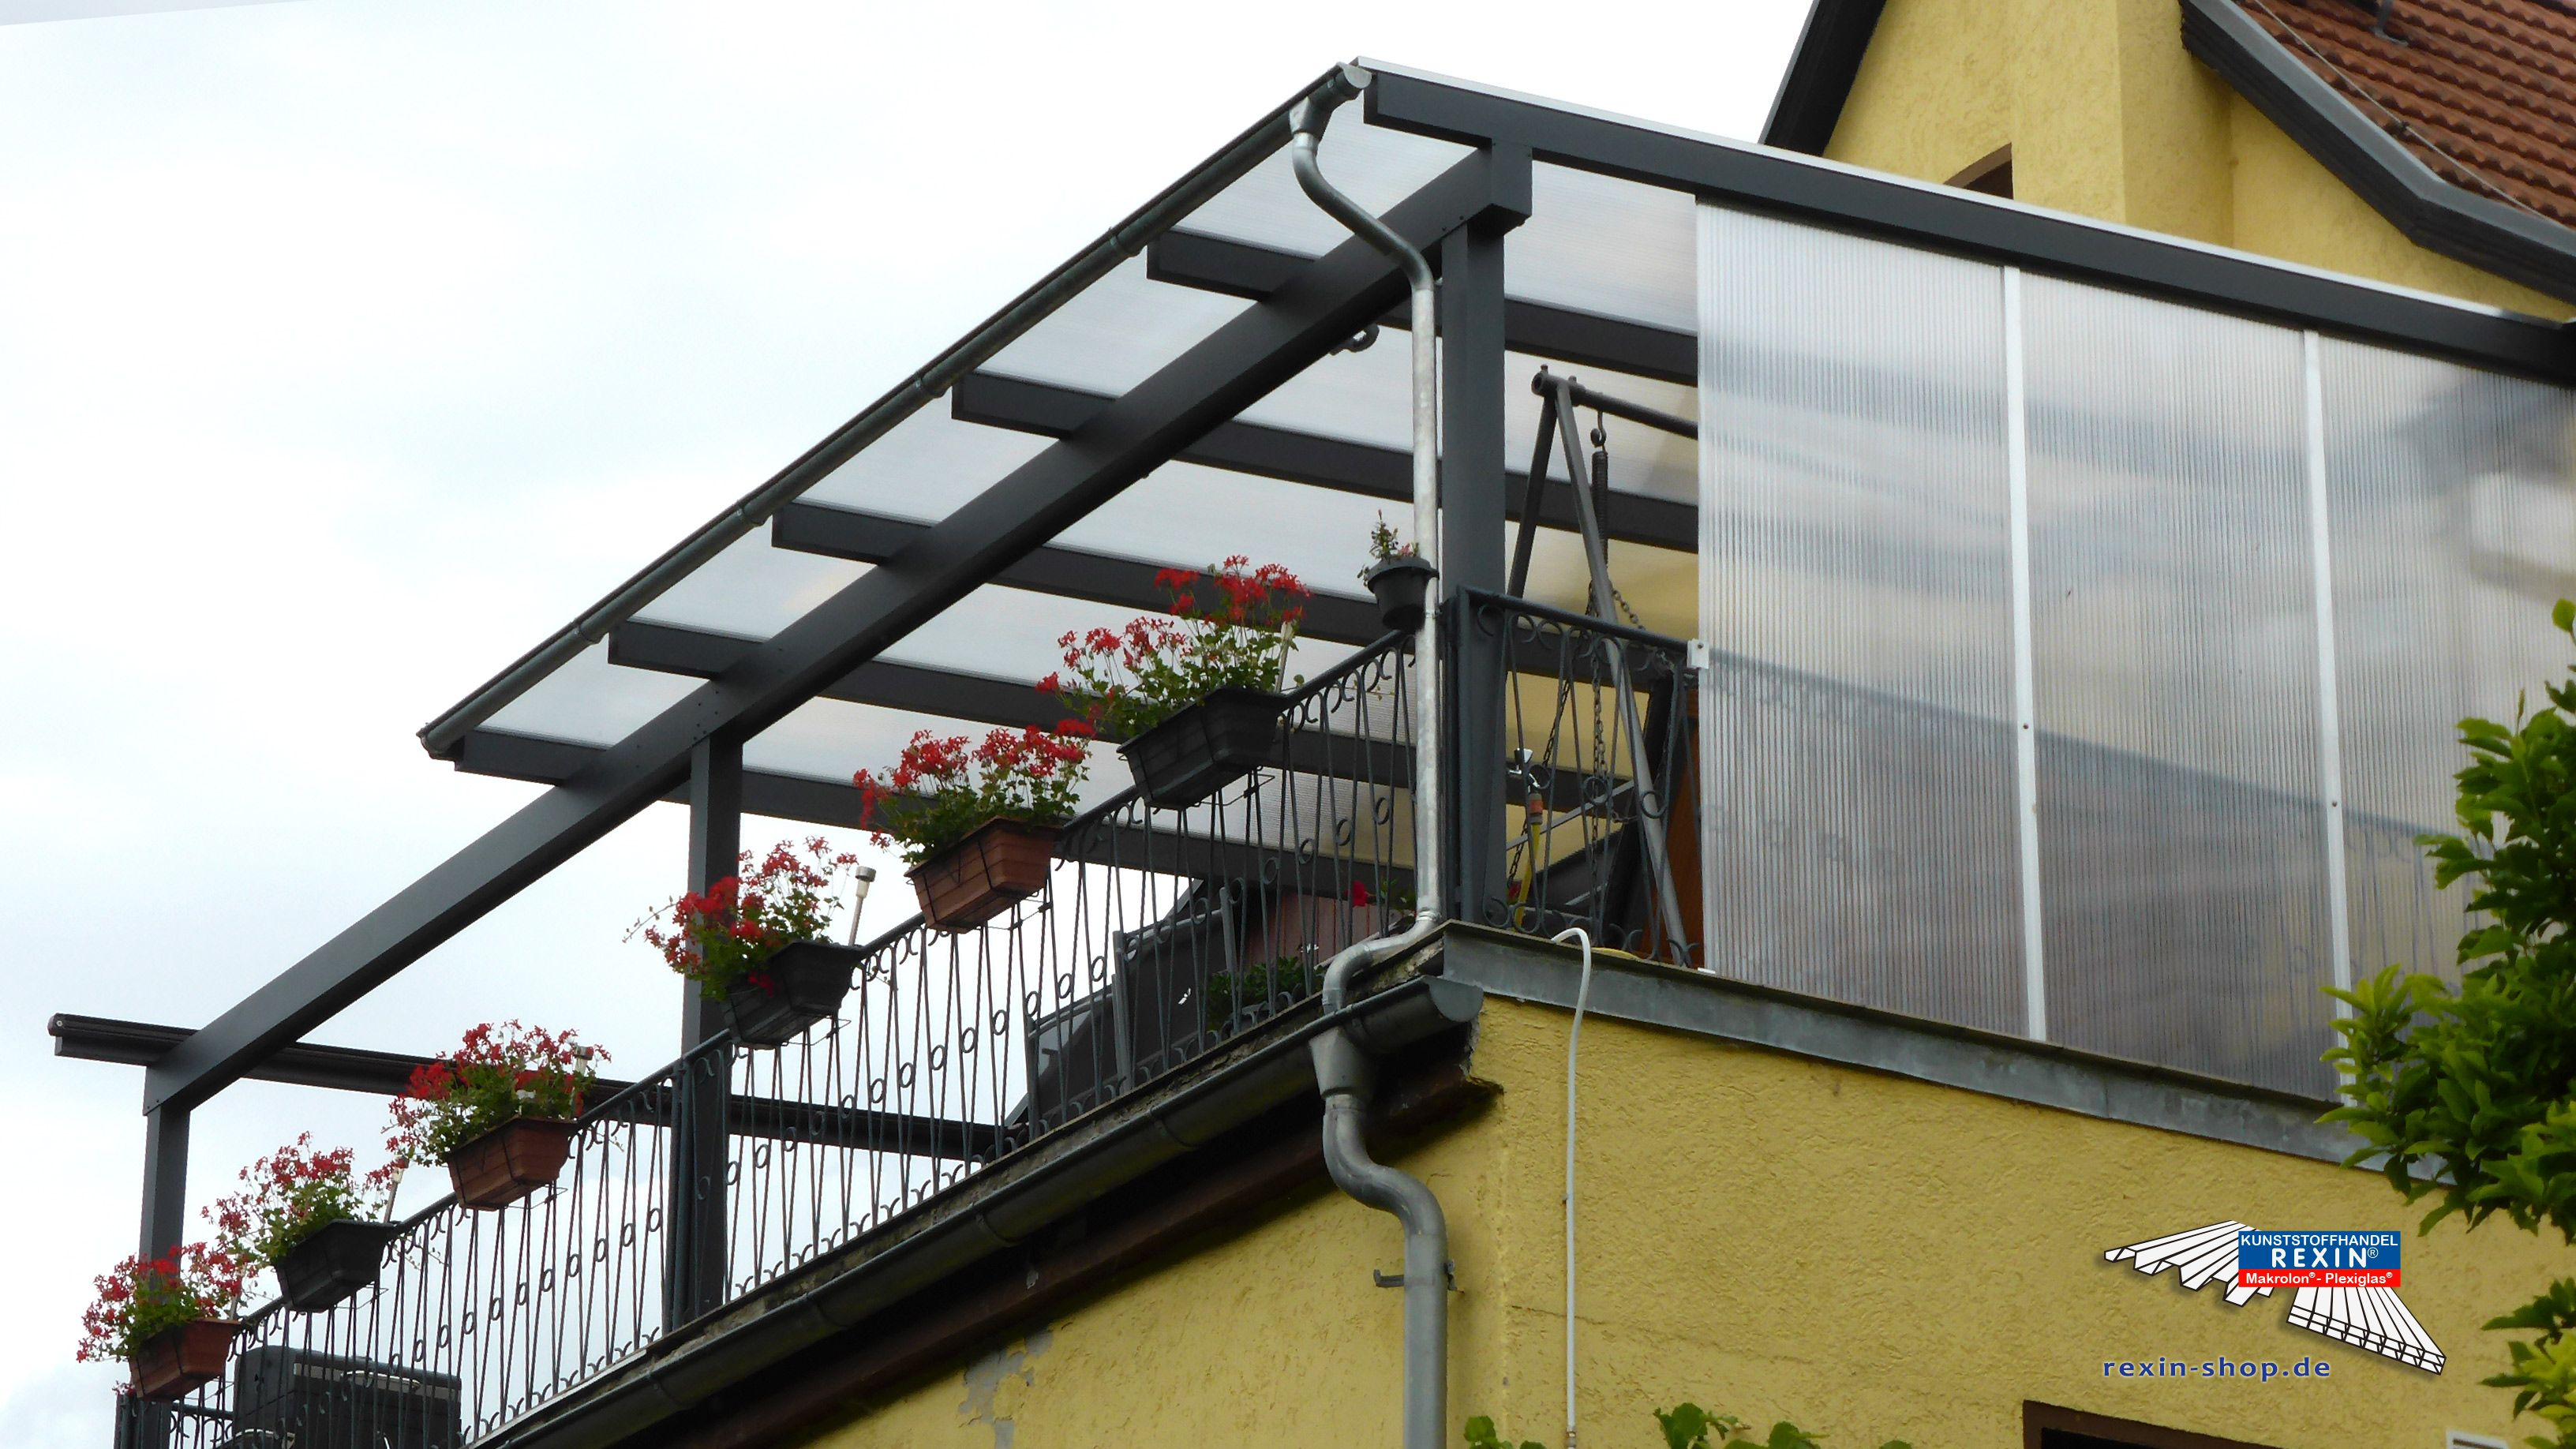 Ein Alu Terrassendach der Marke REXOclassic 8m x 4m in anthrazit